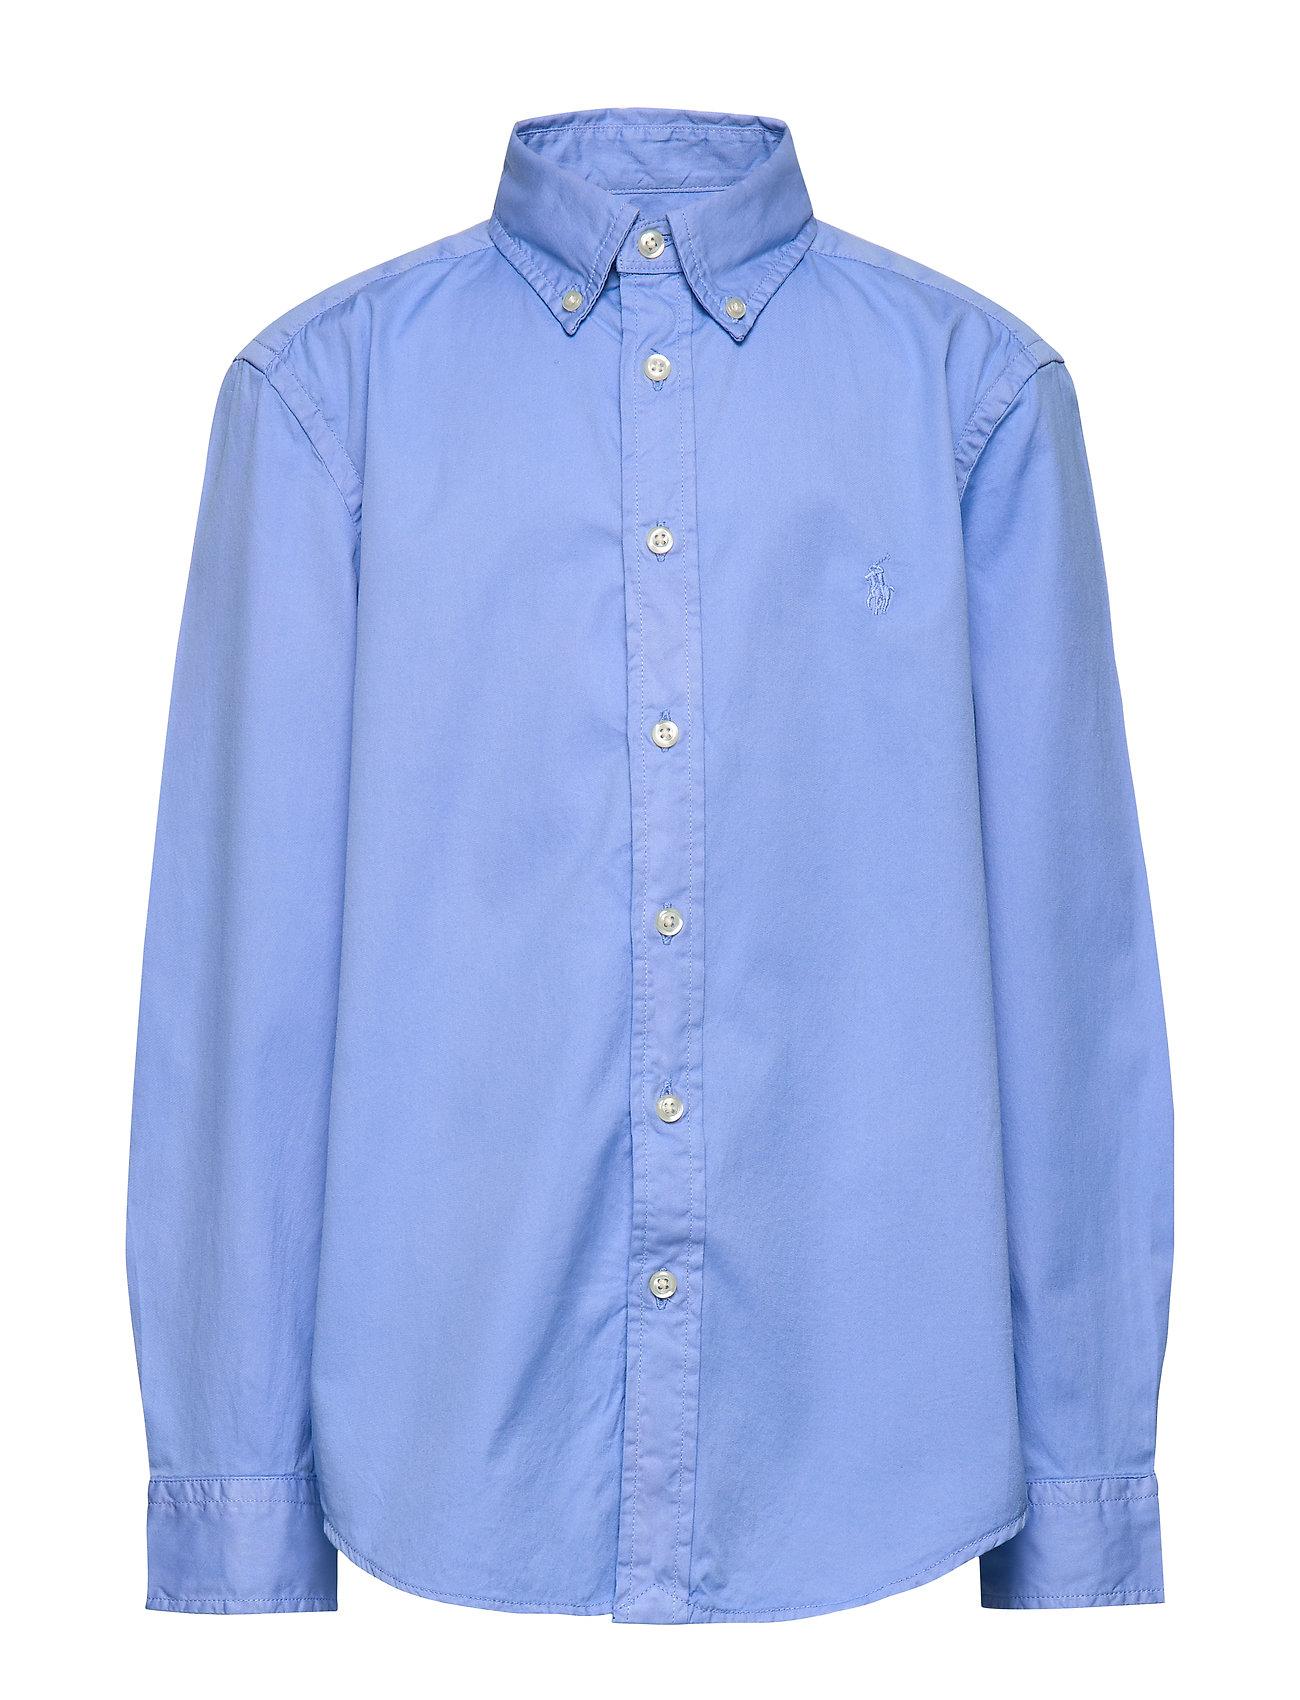 Ralph Lauren Kids Garment-Dyed Twill Shirt - FALL BLUE